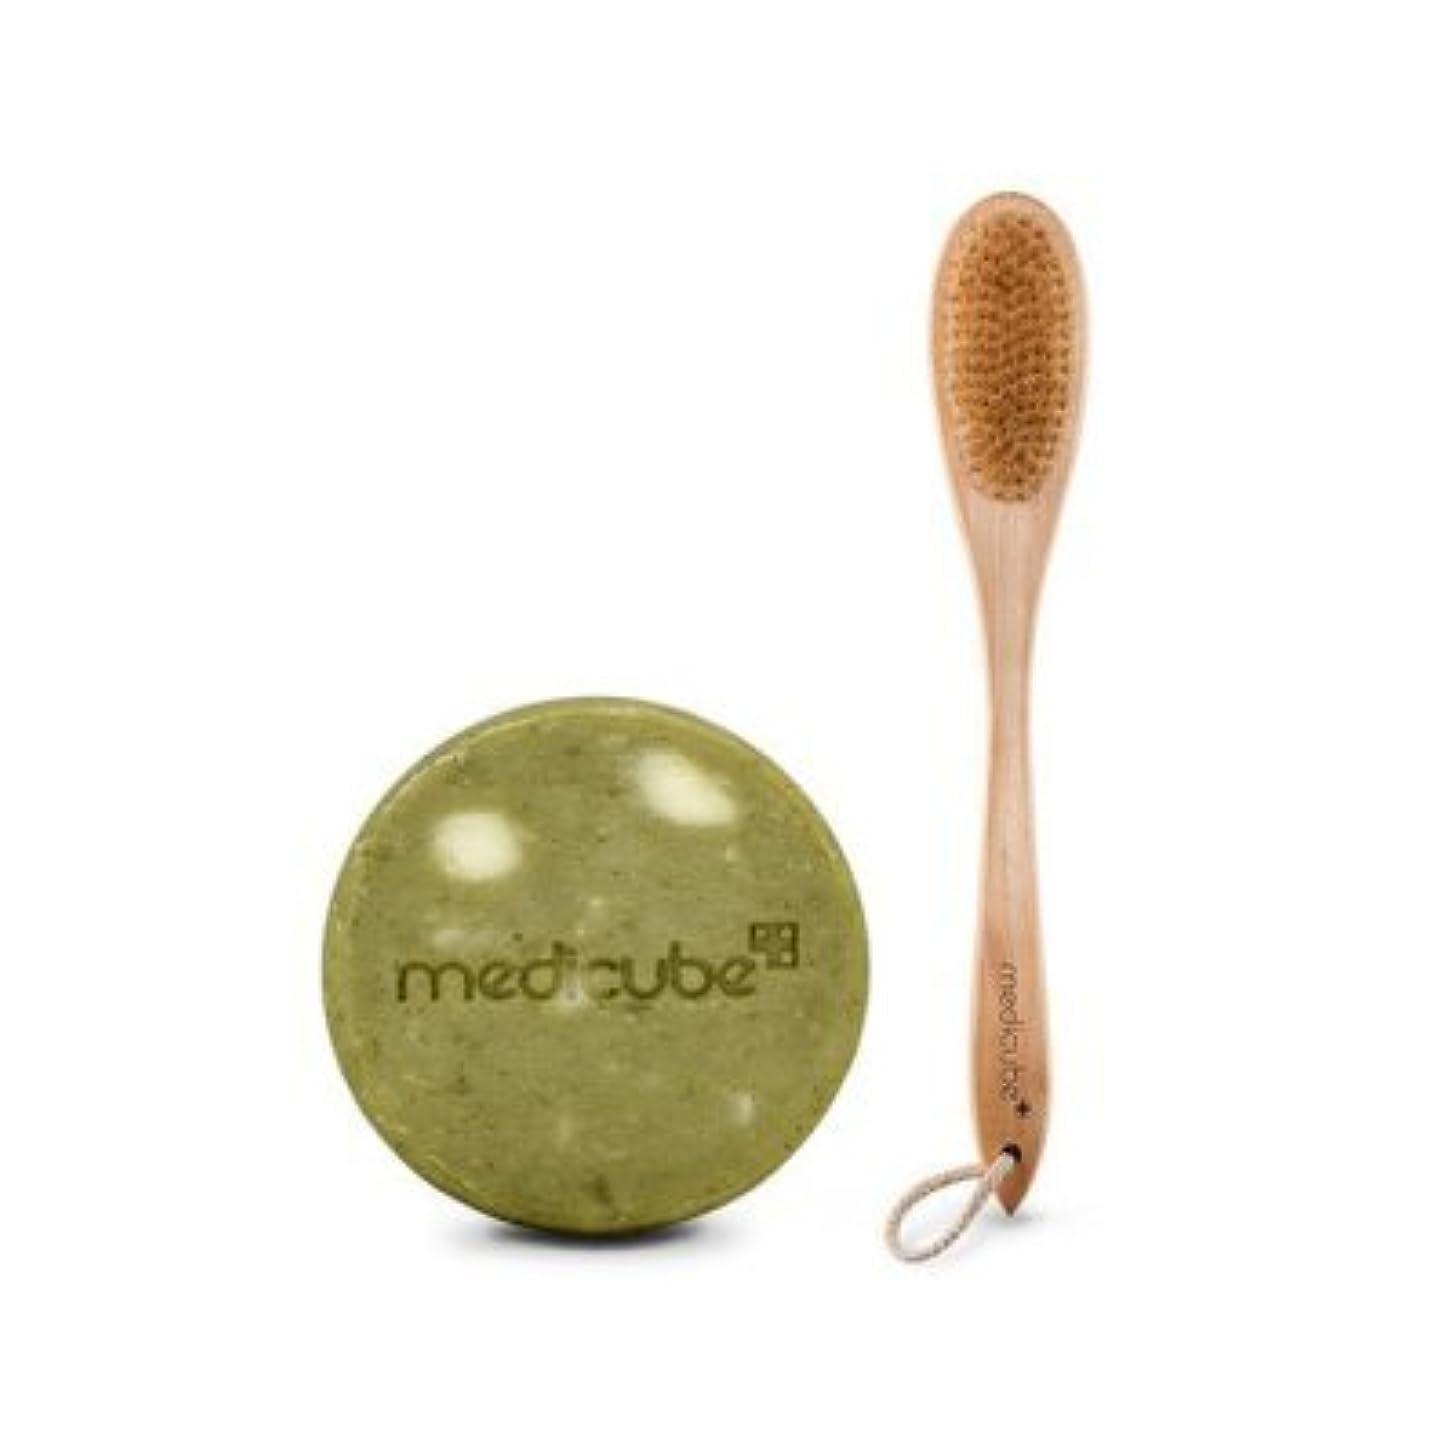 世界ショルダー種をまく[Medicube メディキューブ] レッドボディークレンジングブラシ+ボディーバーセット / Red Body Cleansing Brush+Body bar set [並行輸入品]